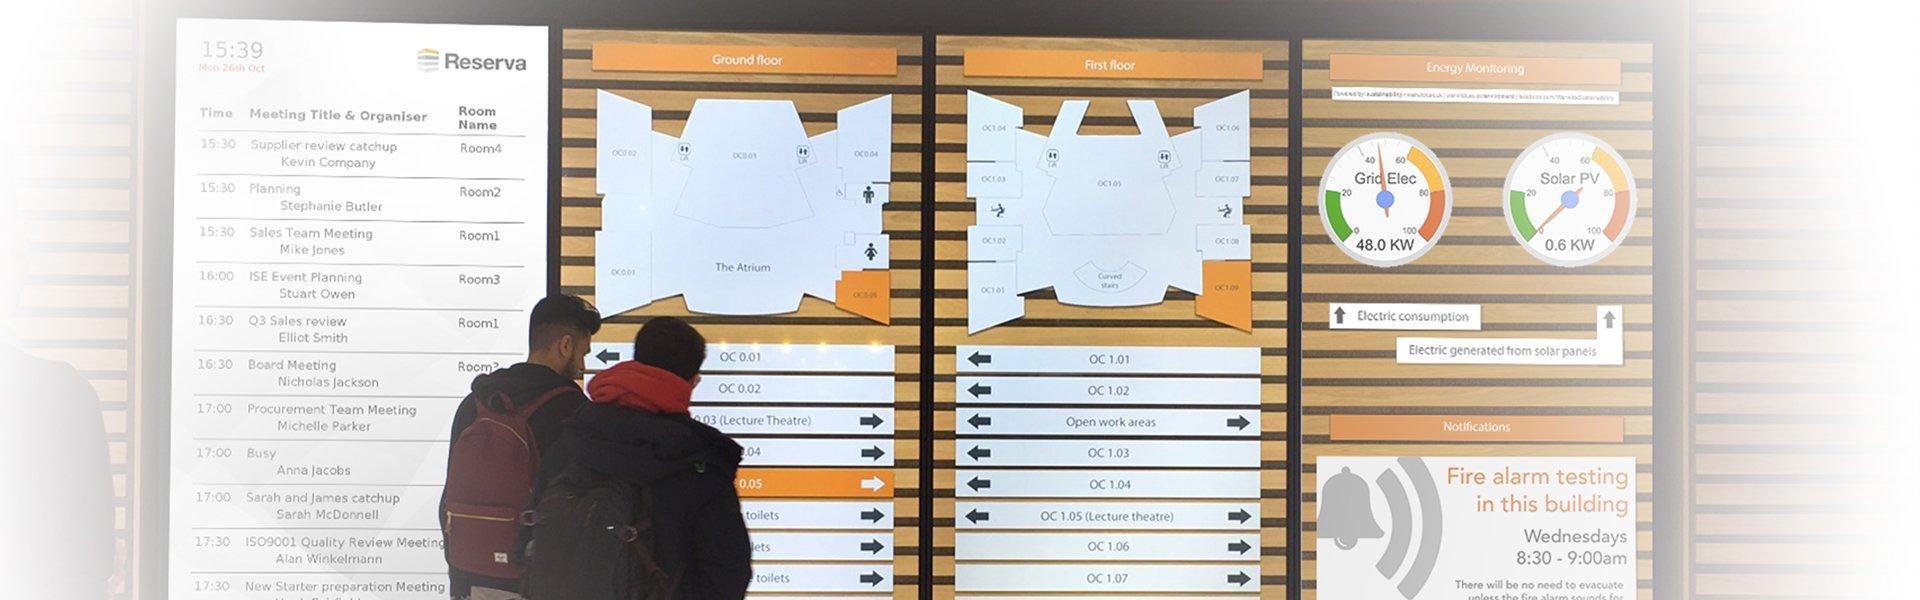 SlideVier grosse Displays an Wand und zwei Personen die vorne dran stehen und den Inhalt (Raumübersichtsplan) lesen